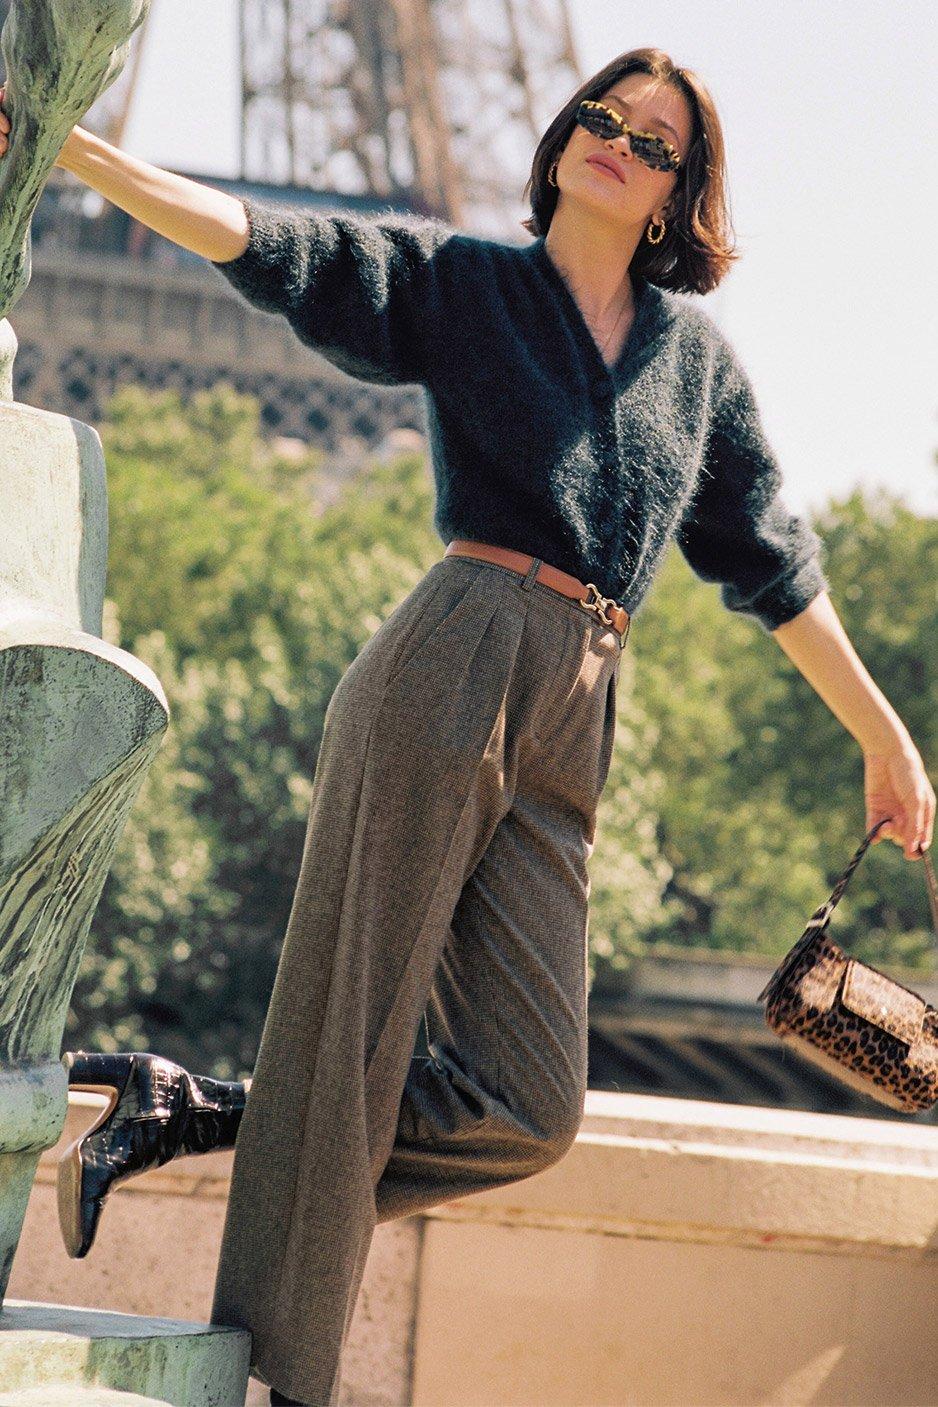 Ben in Paris